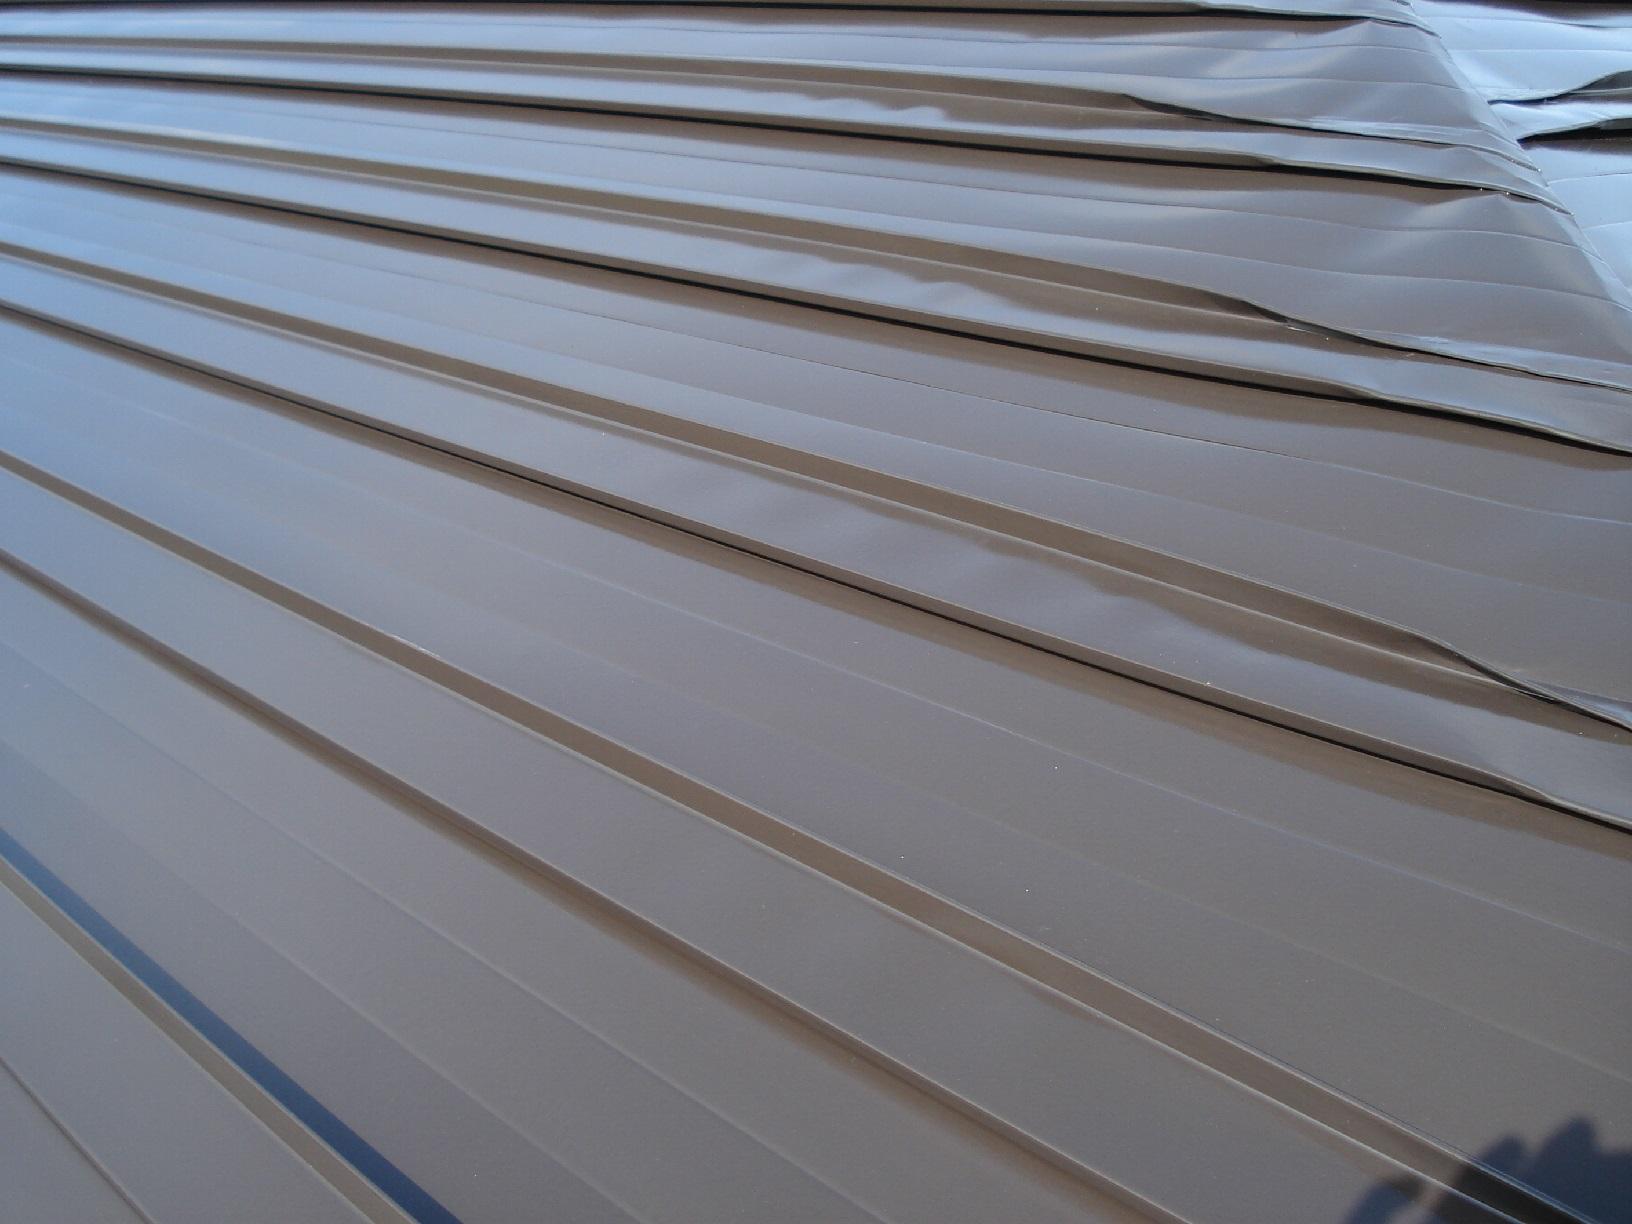 昭和メゾンドショード 屋根 上塗16